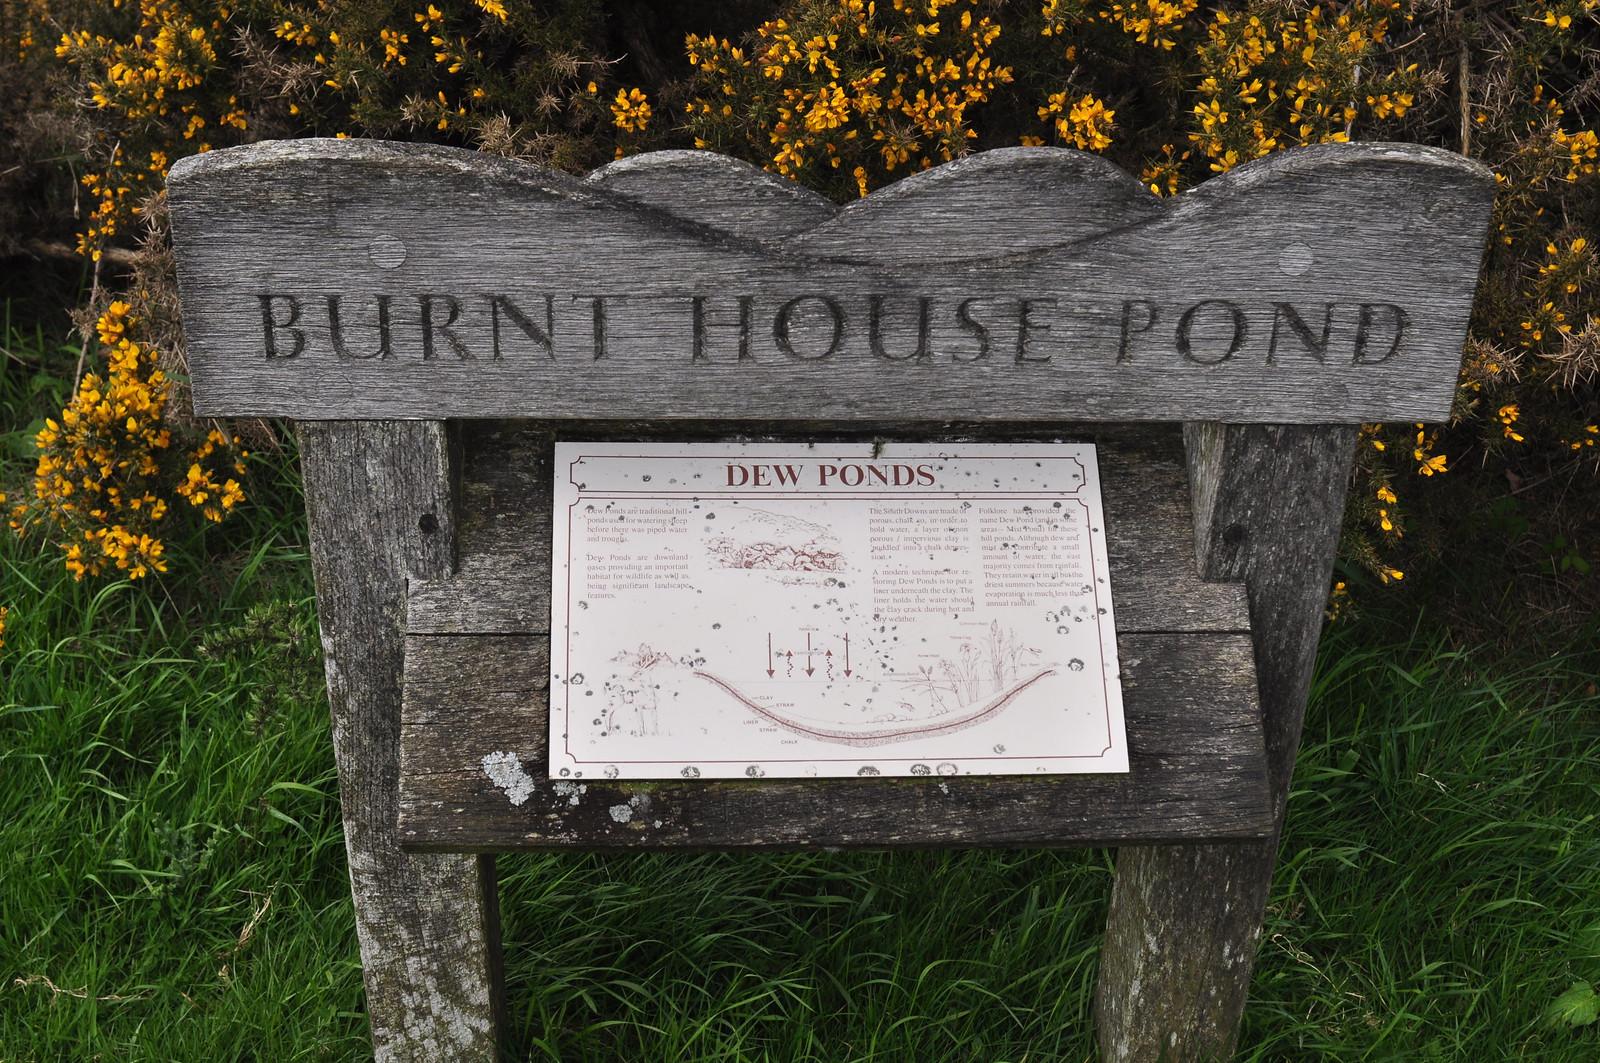 Burnt House Pond Dew Pond sign